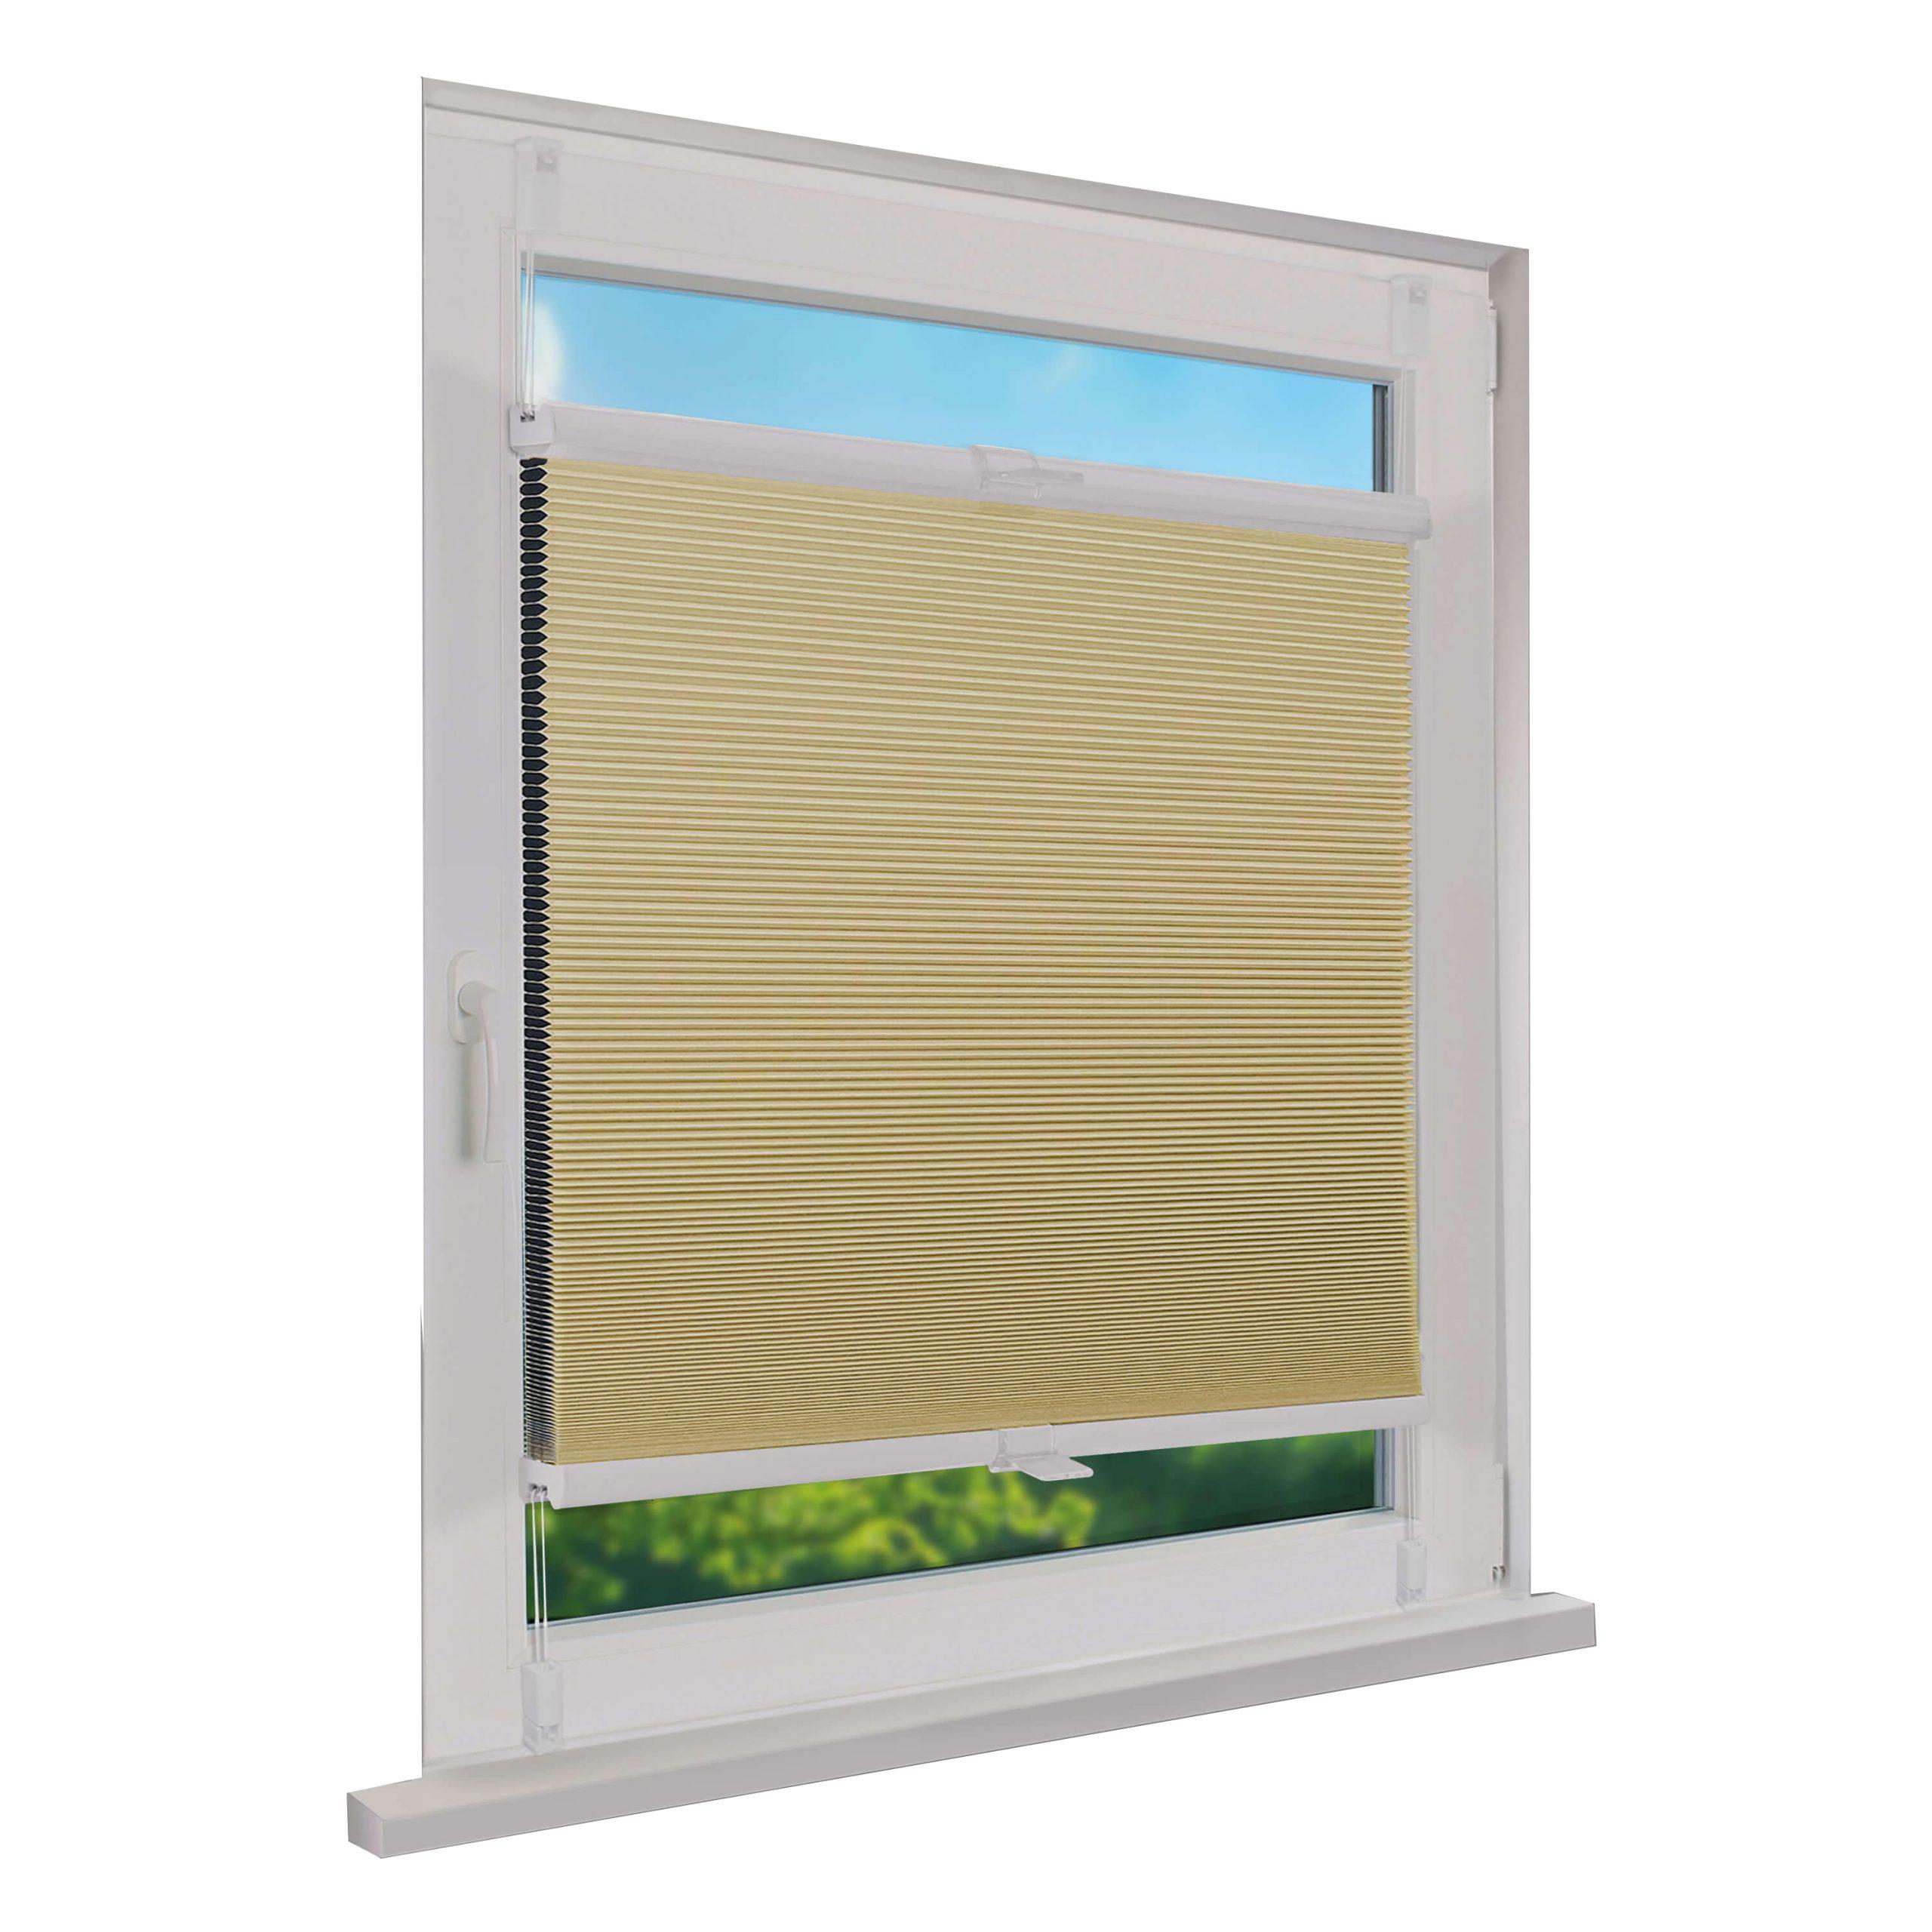 Full Size of Fenster Verdunkeln Fensterdecor Klemmfithermo Wabenplissee Verdunkelung Mit Sonnenschutz Innen Standardmaße Rollo Rc 2 Drutex Salamander Austauschen Fenster Fenster Verdunkeln